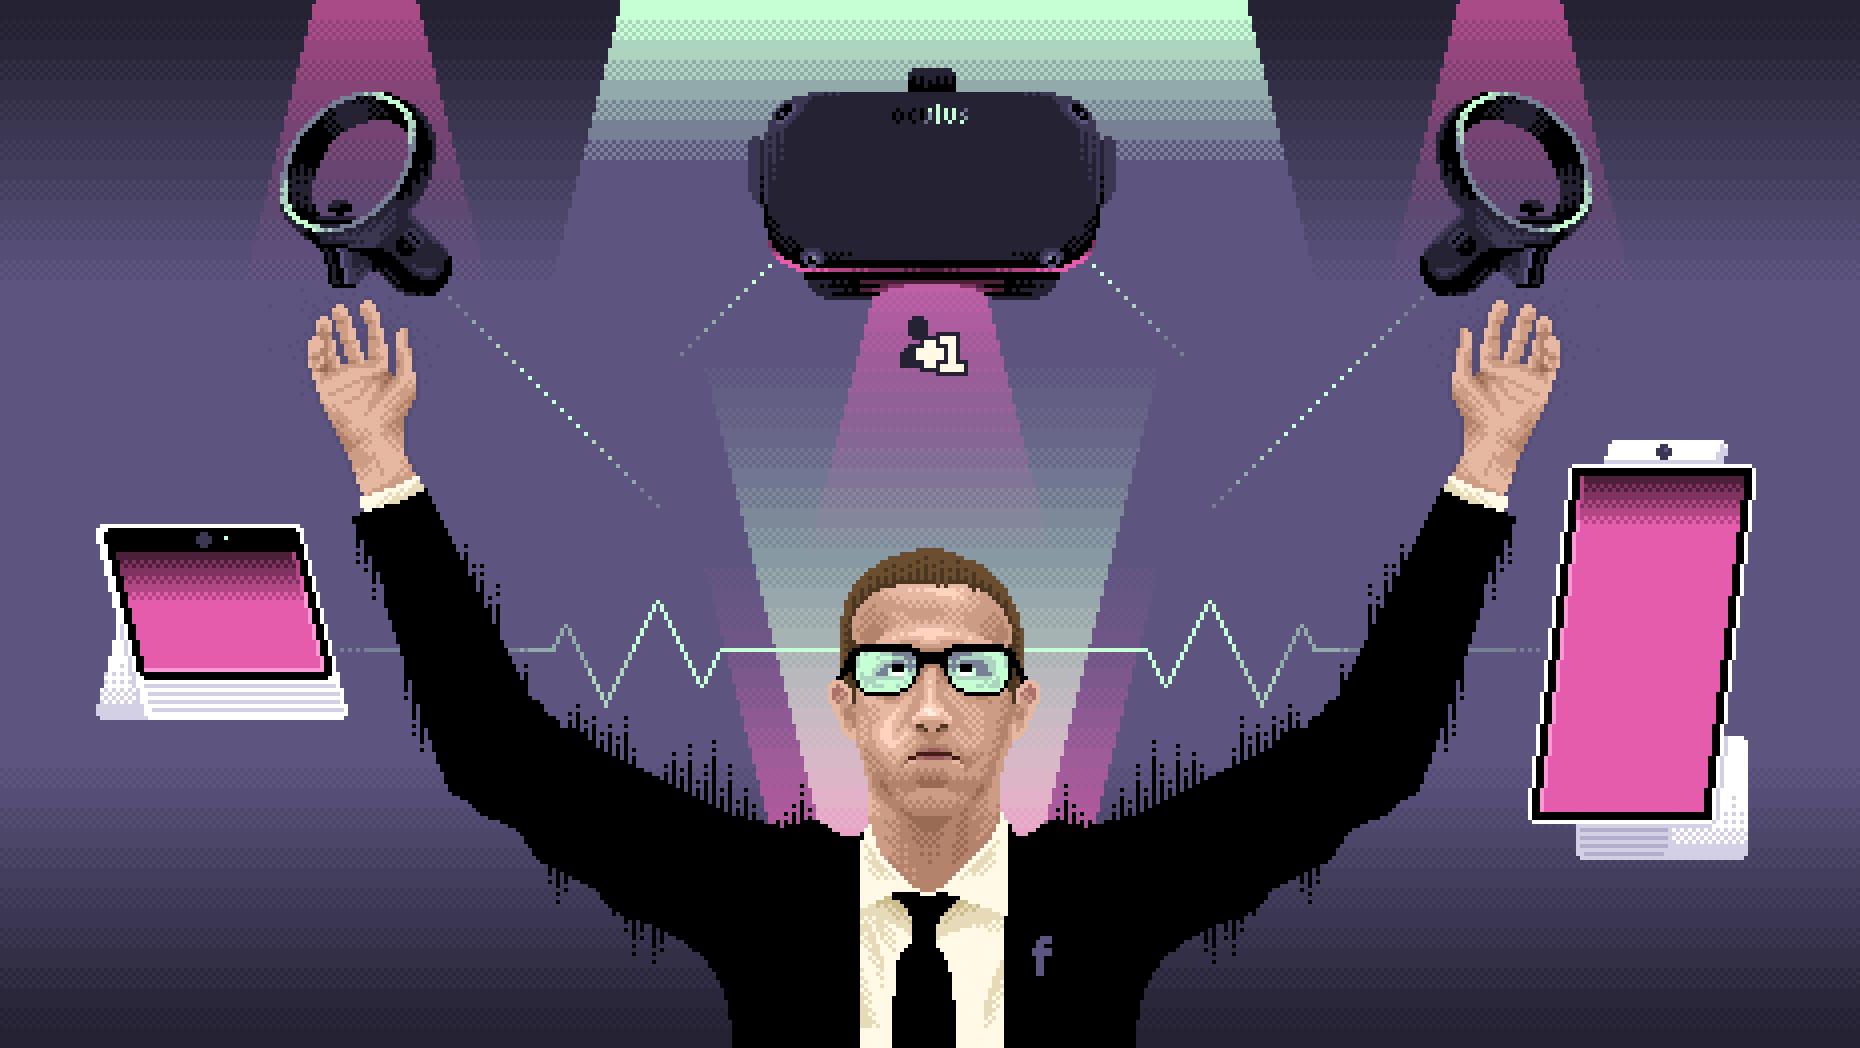 为了掌握未来AR/VR,Facebook决定自研操作系统